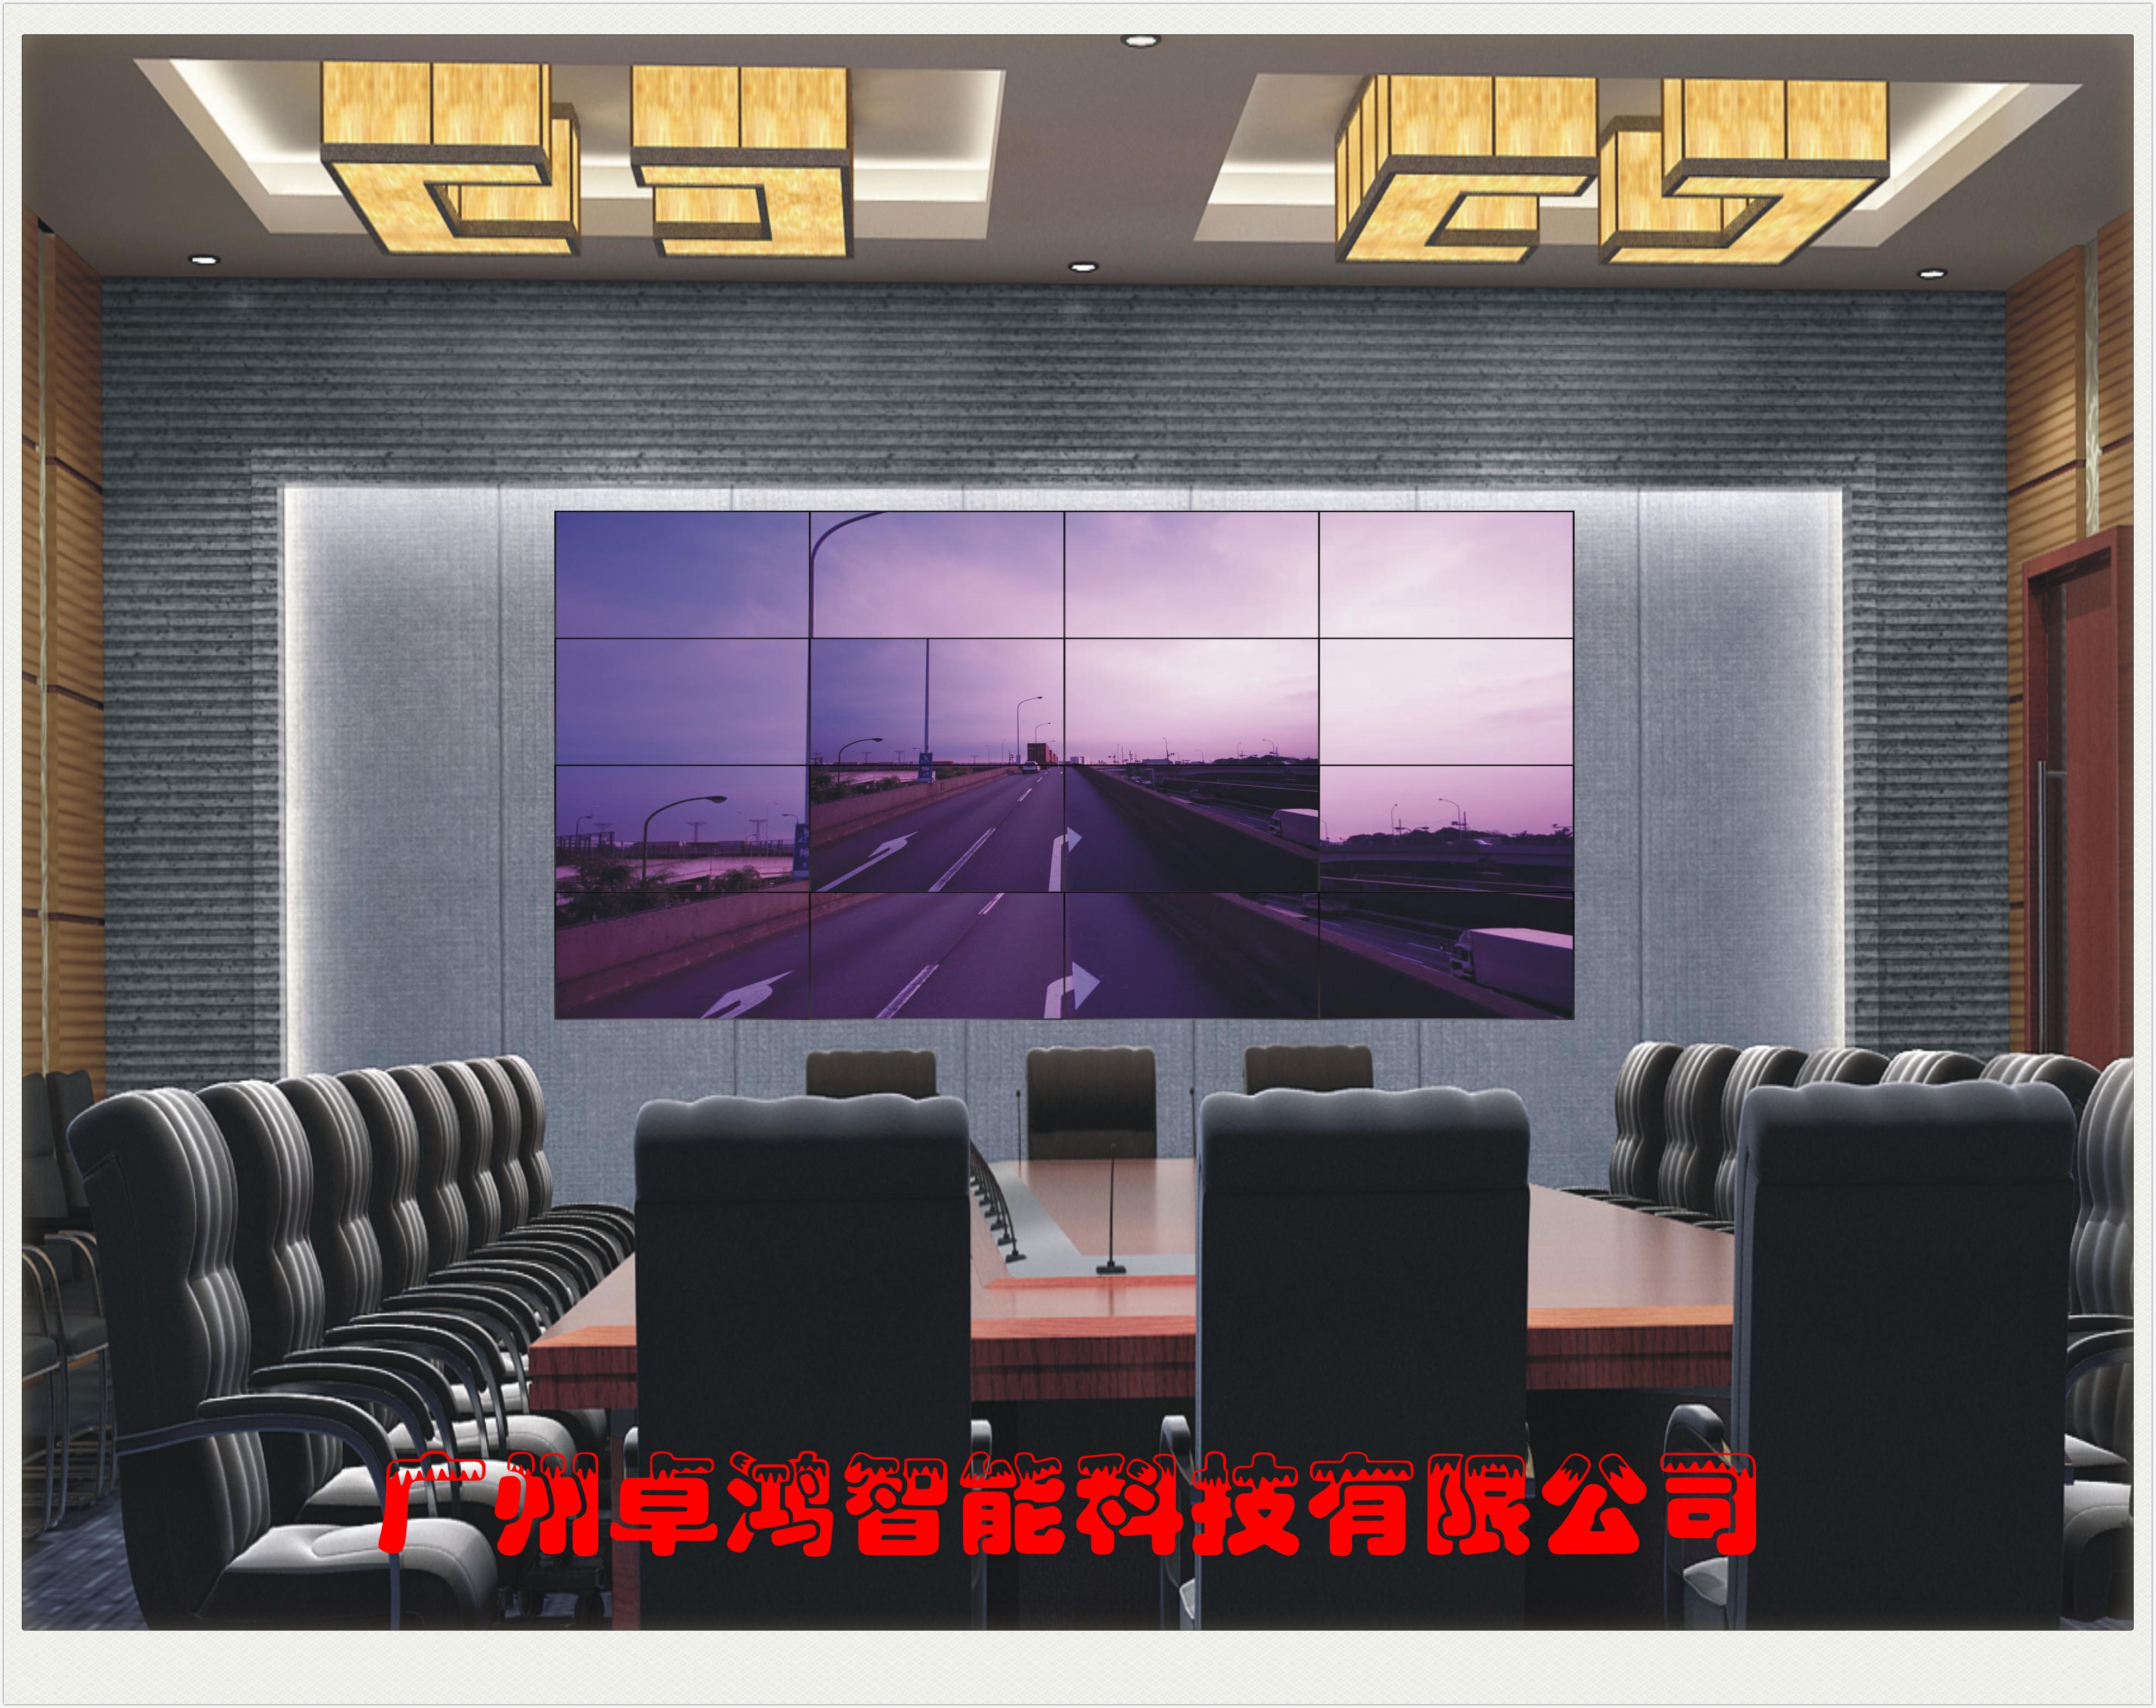 46寸拼接屏品牌 55寸拼接屏尺寸 拼接大屏方案 拼接屏的接线 液晶拼接屏品牌 tcl液晶拼接屏